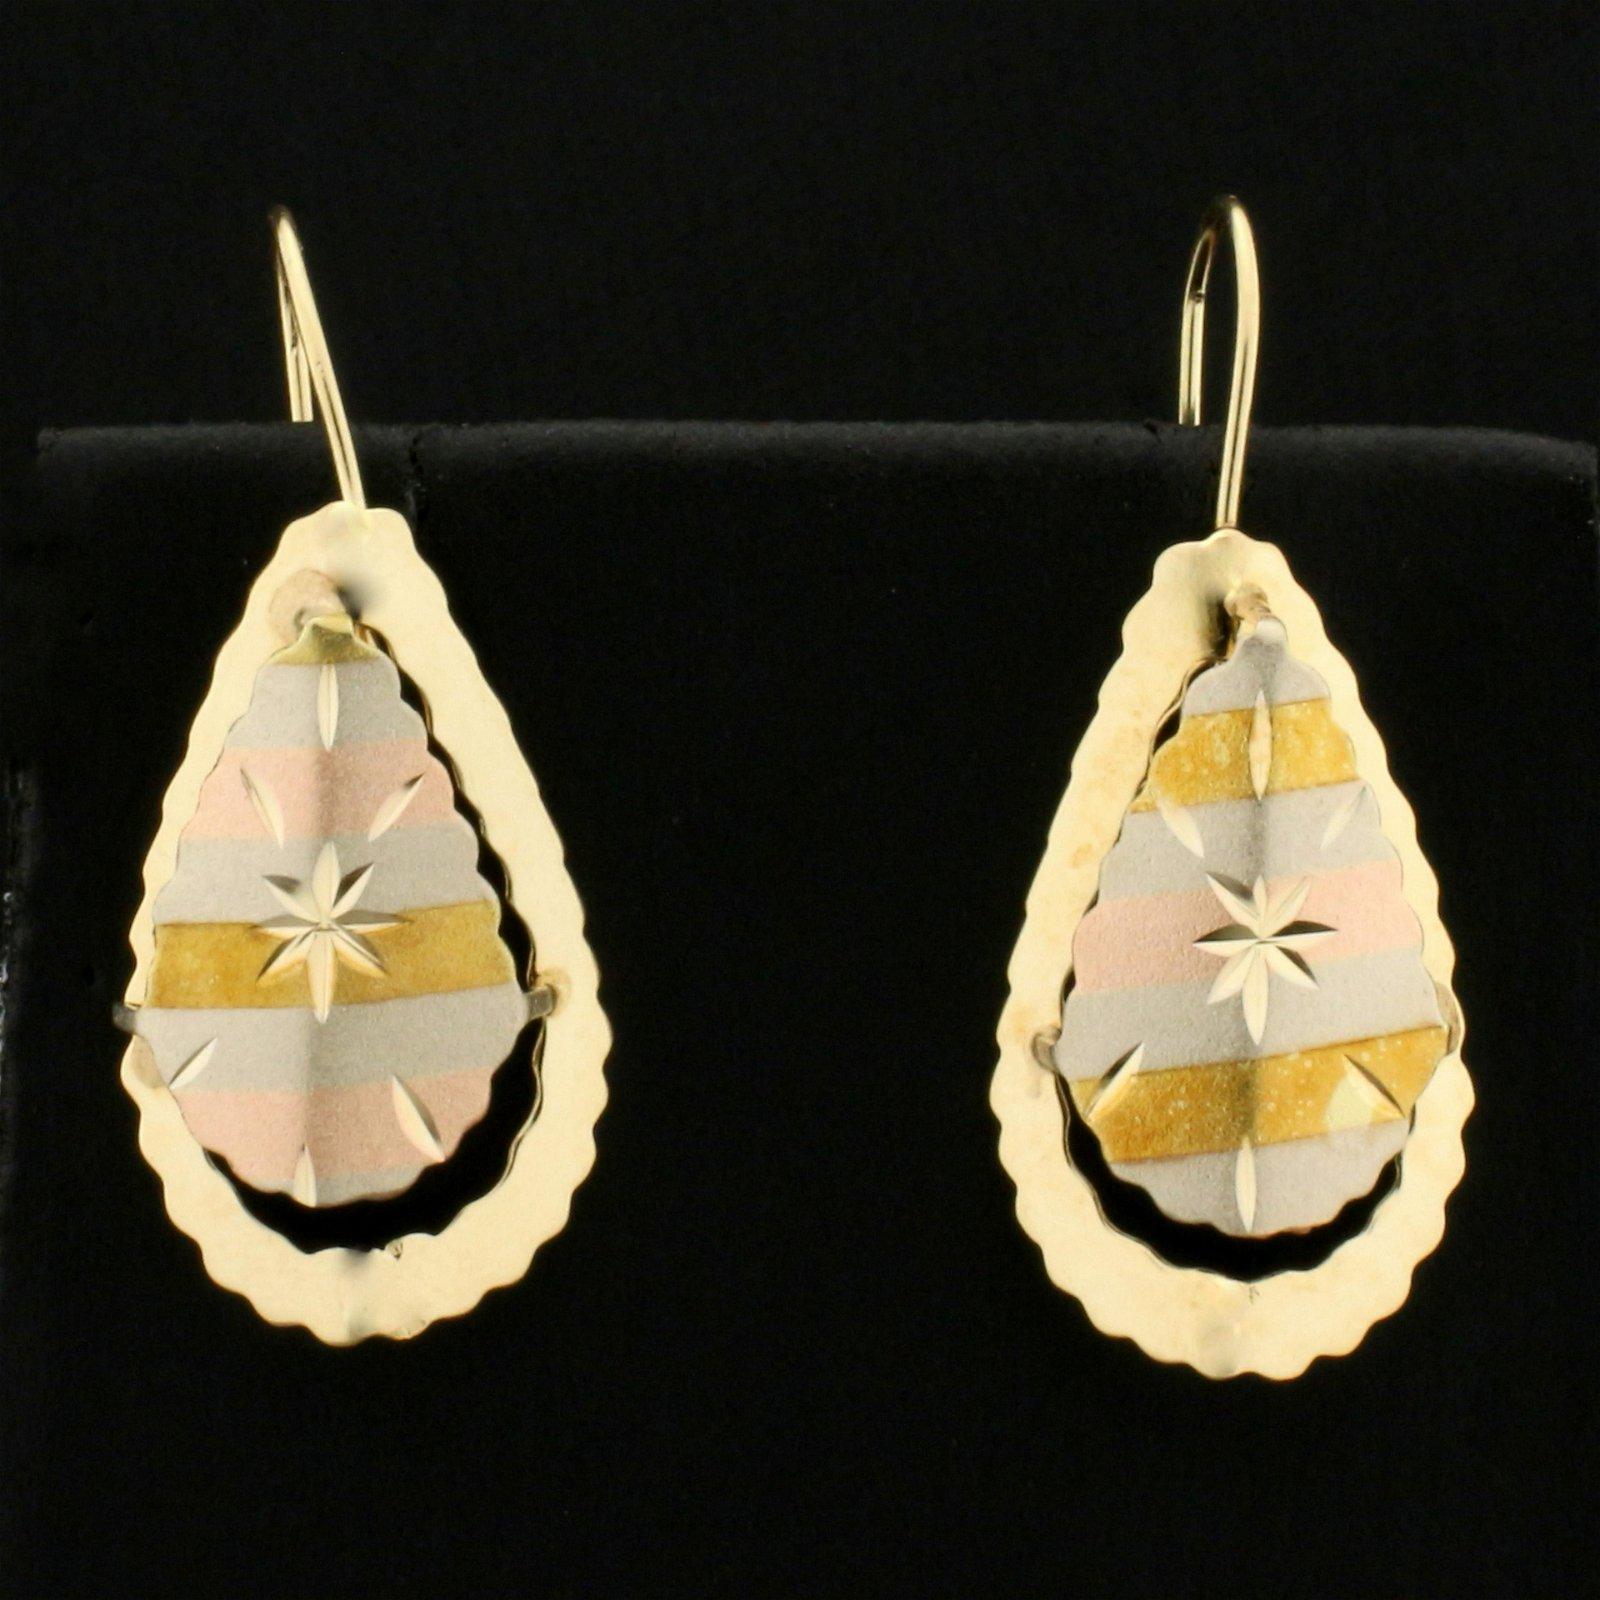 Diamond Cut Tri-Color Dangle Drop Earrings in 14K